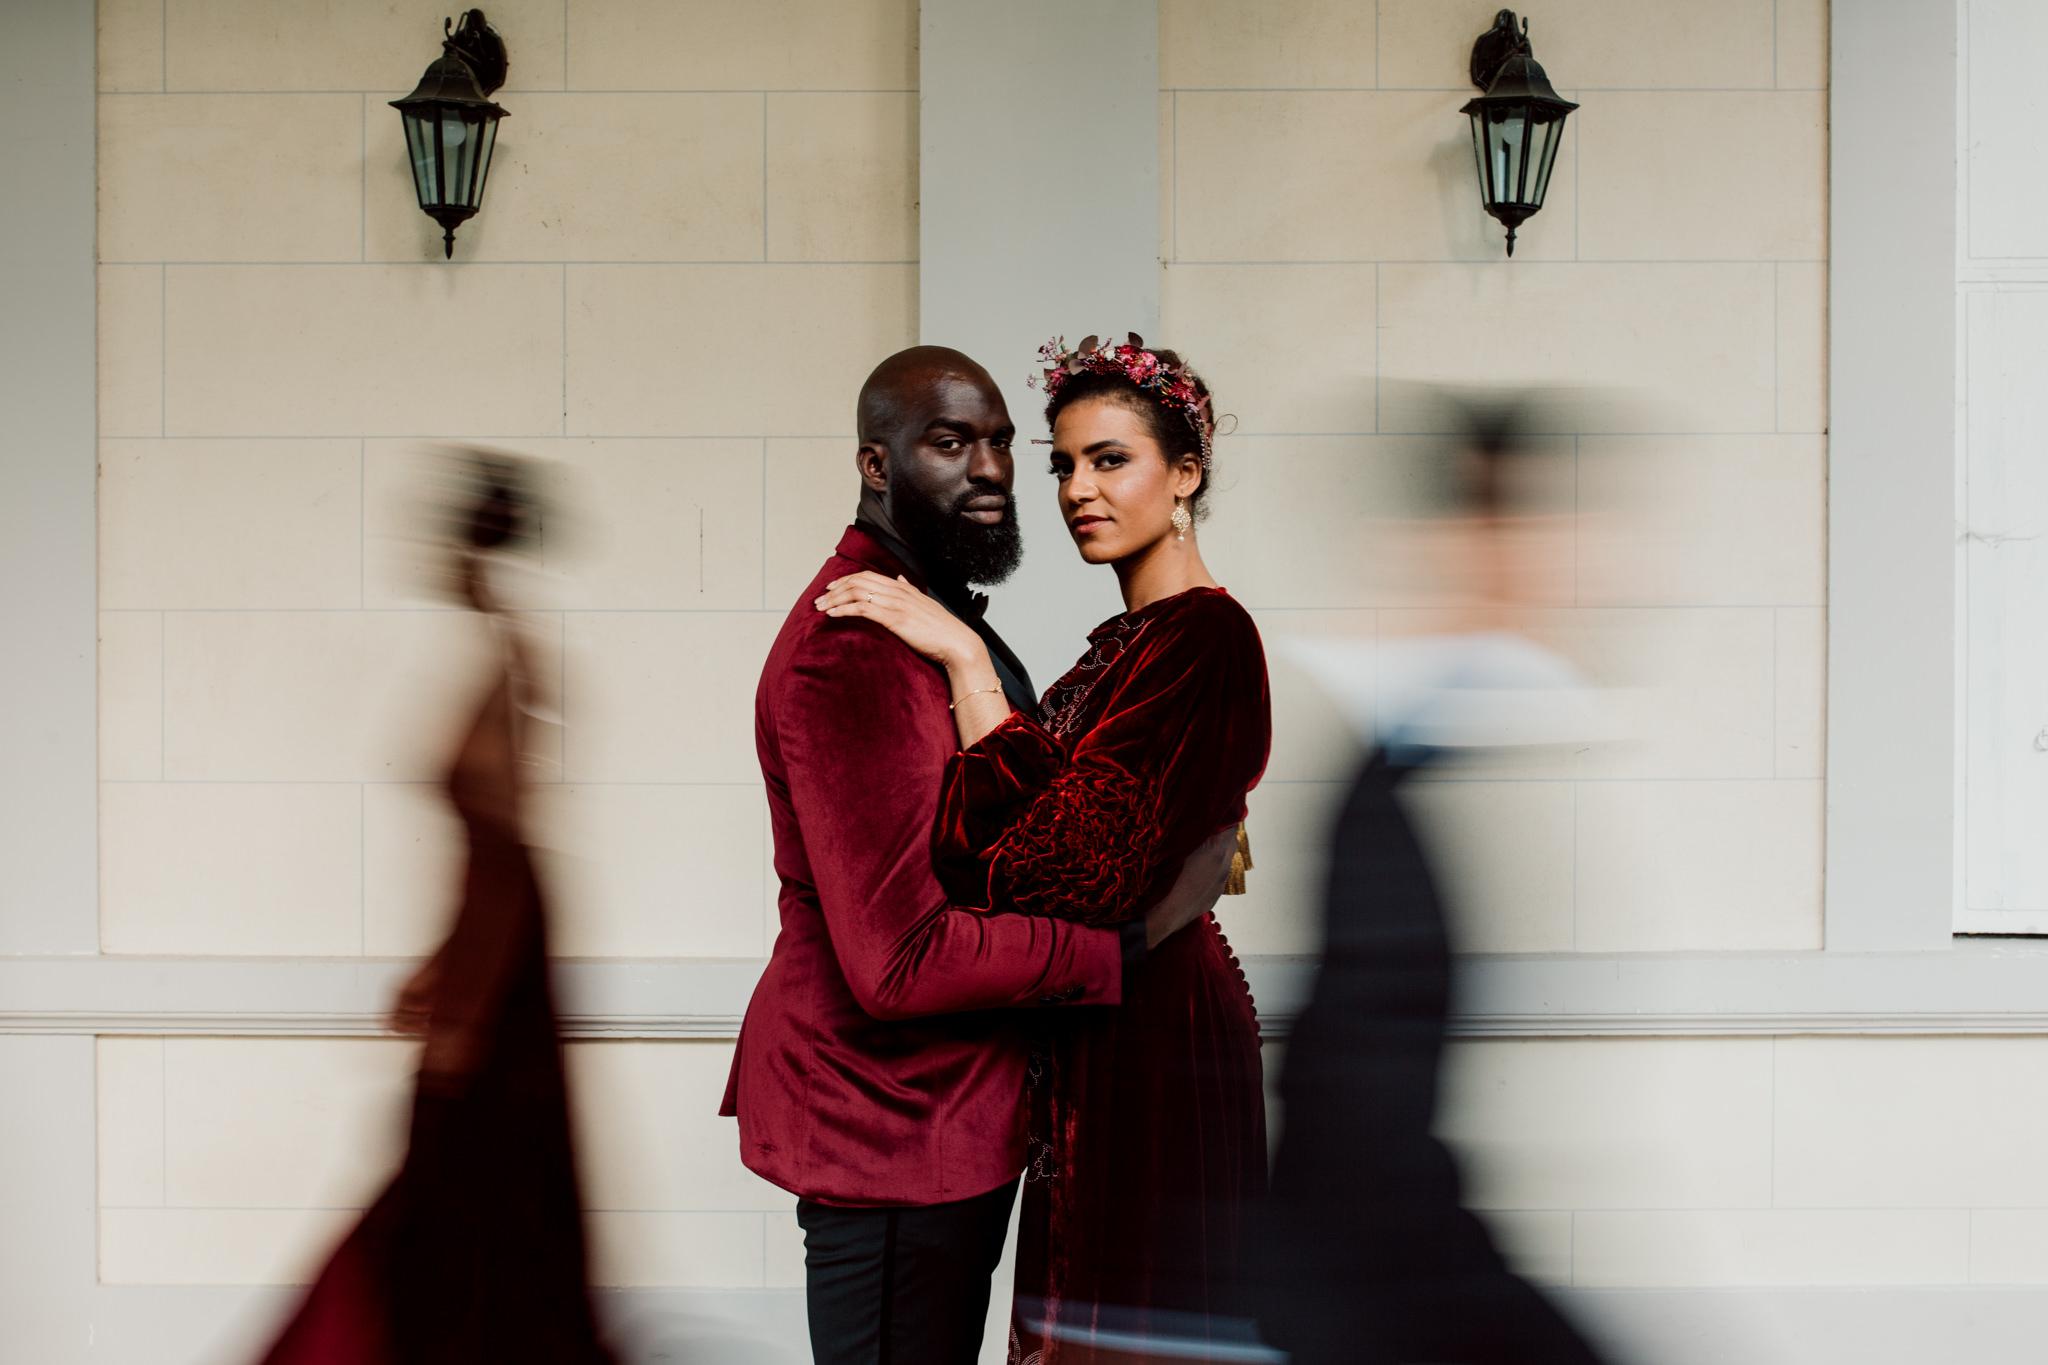 Mariage de velours au château de bouffémont